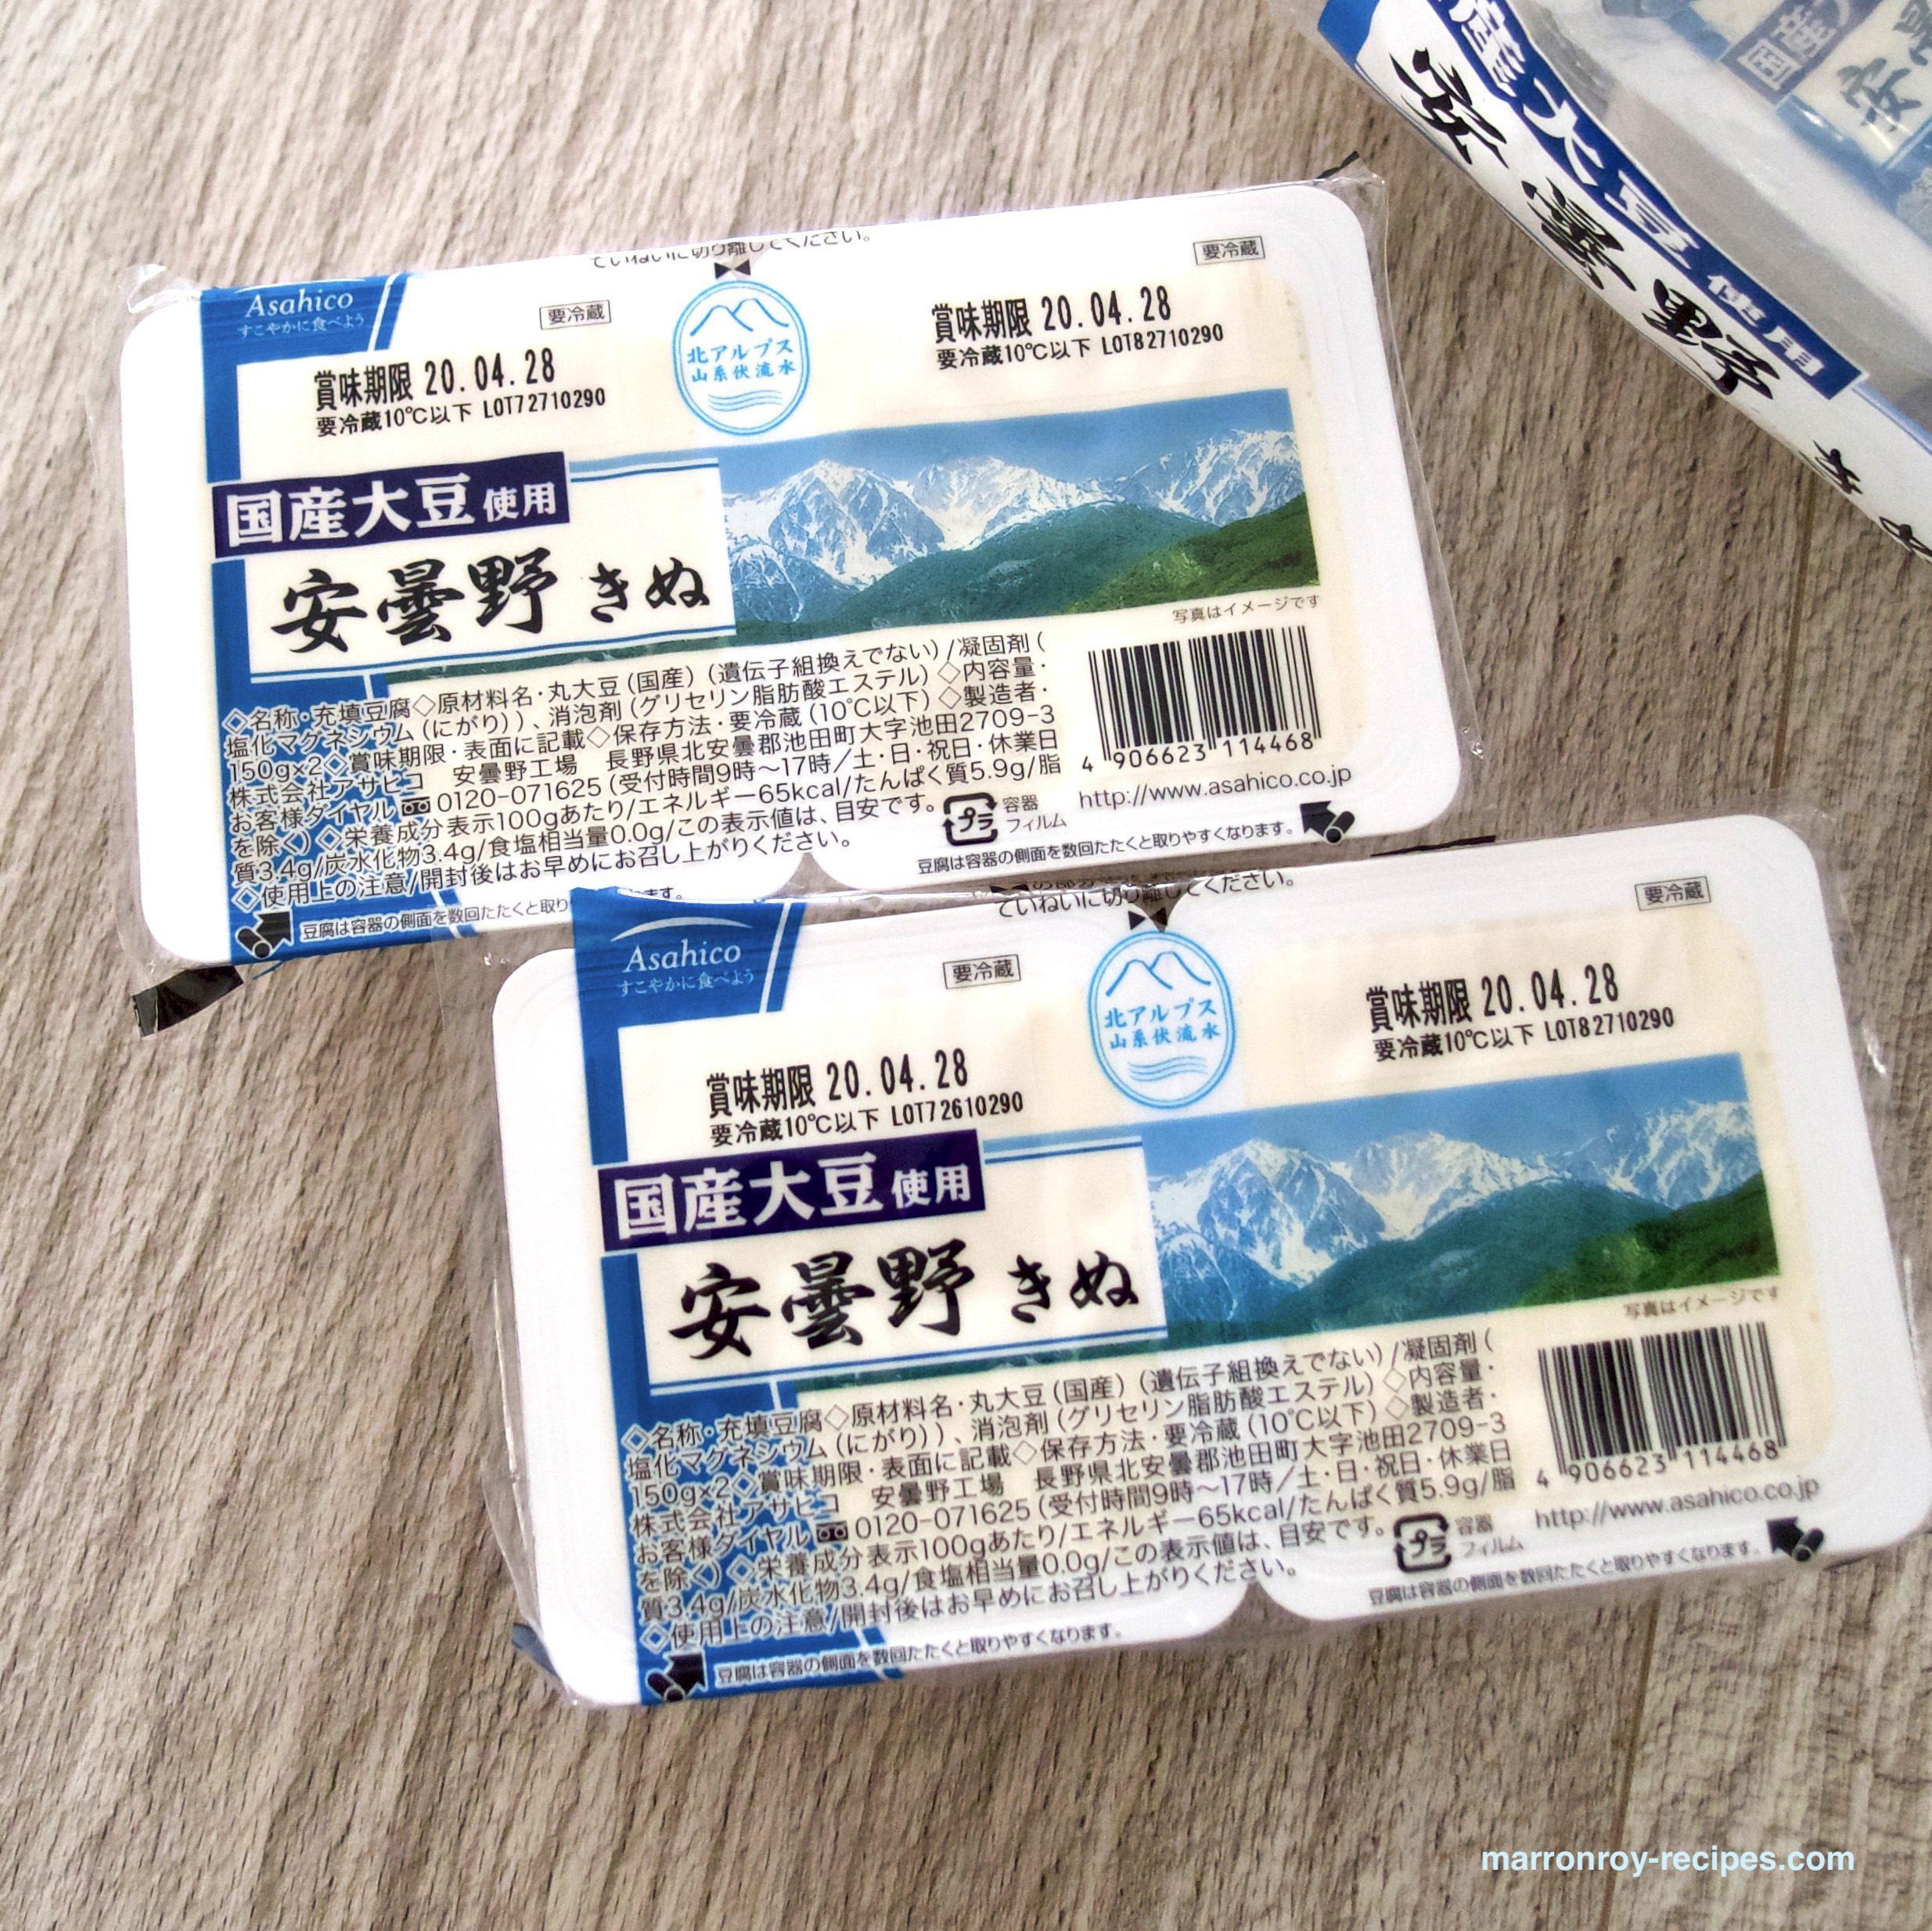 """激しくリピ買い!コストコの豆腐""""安曇野きぬ""""はトロッとしたなめらか豆腐"""